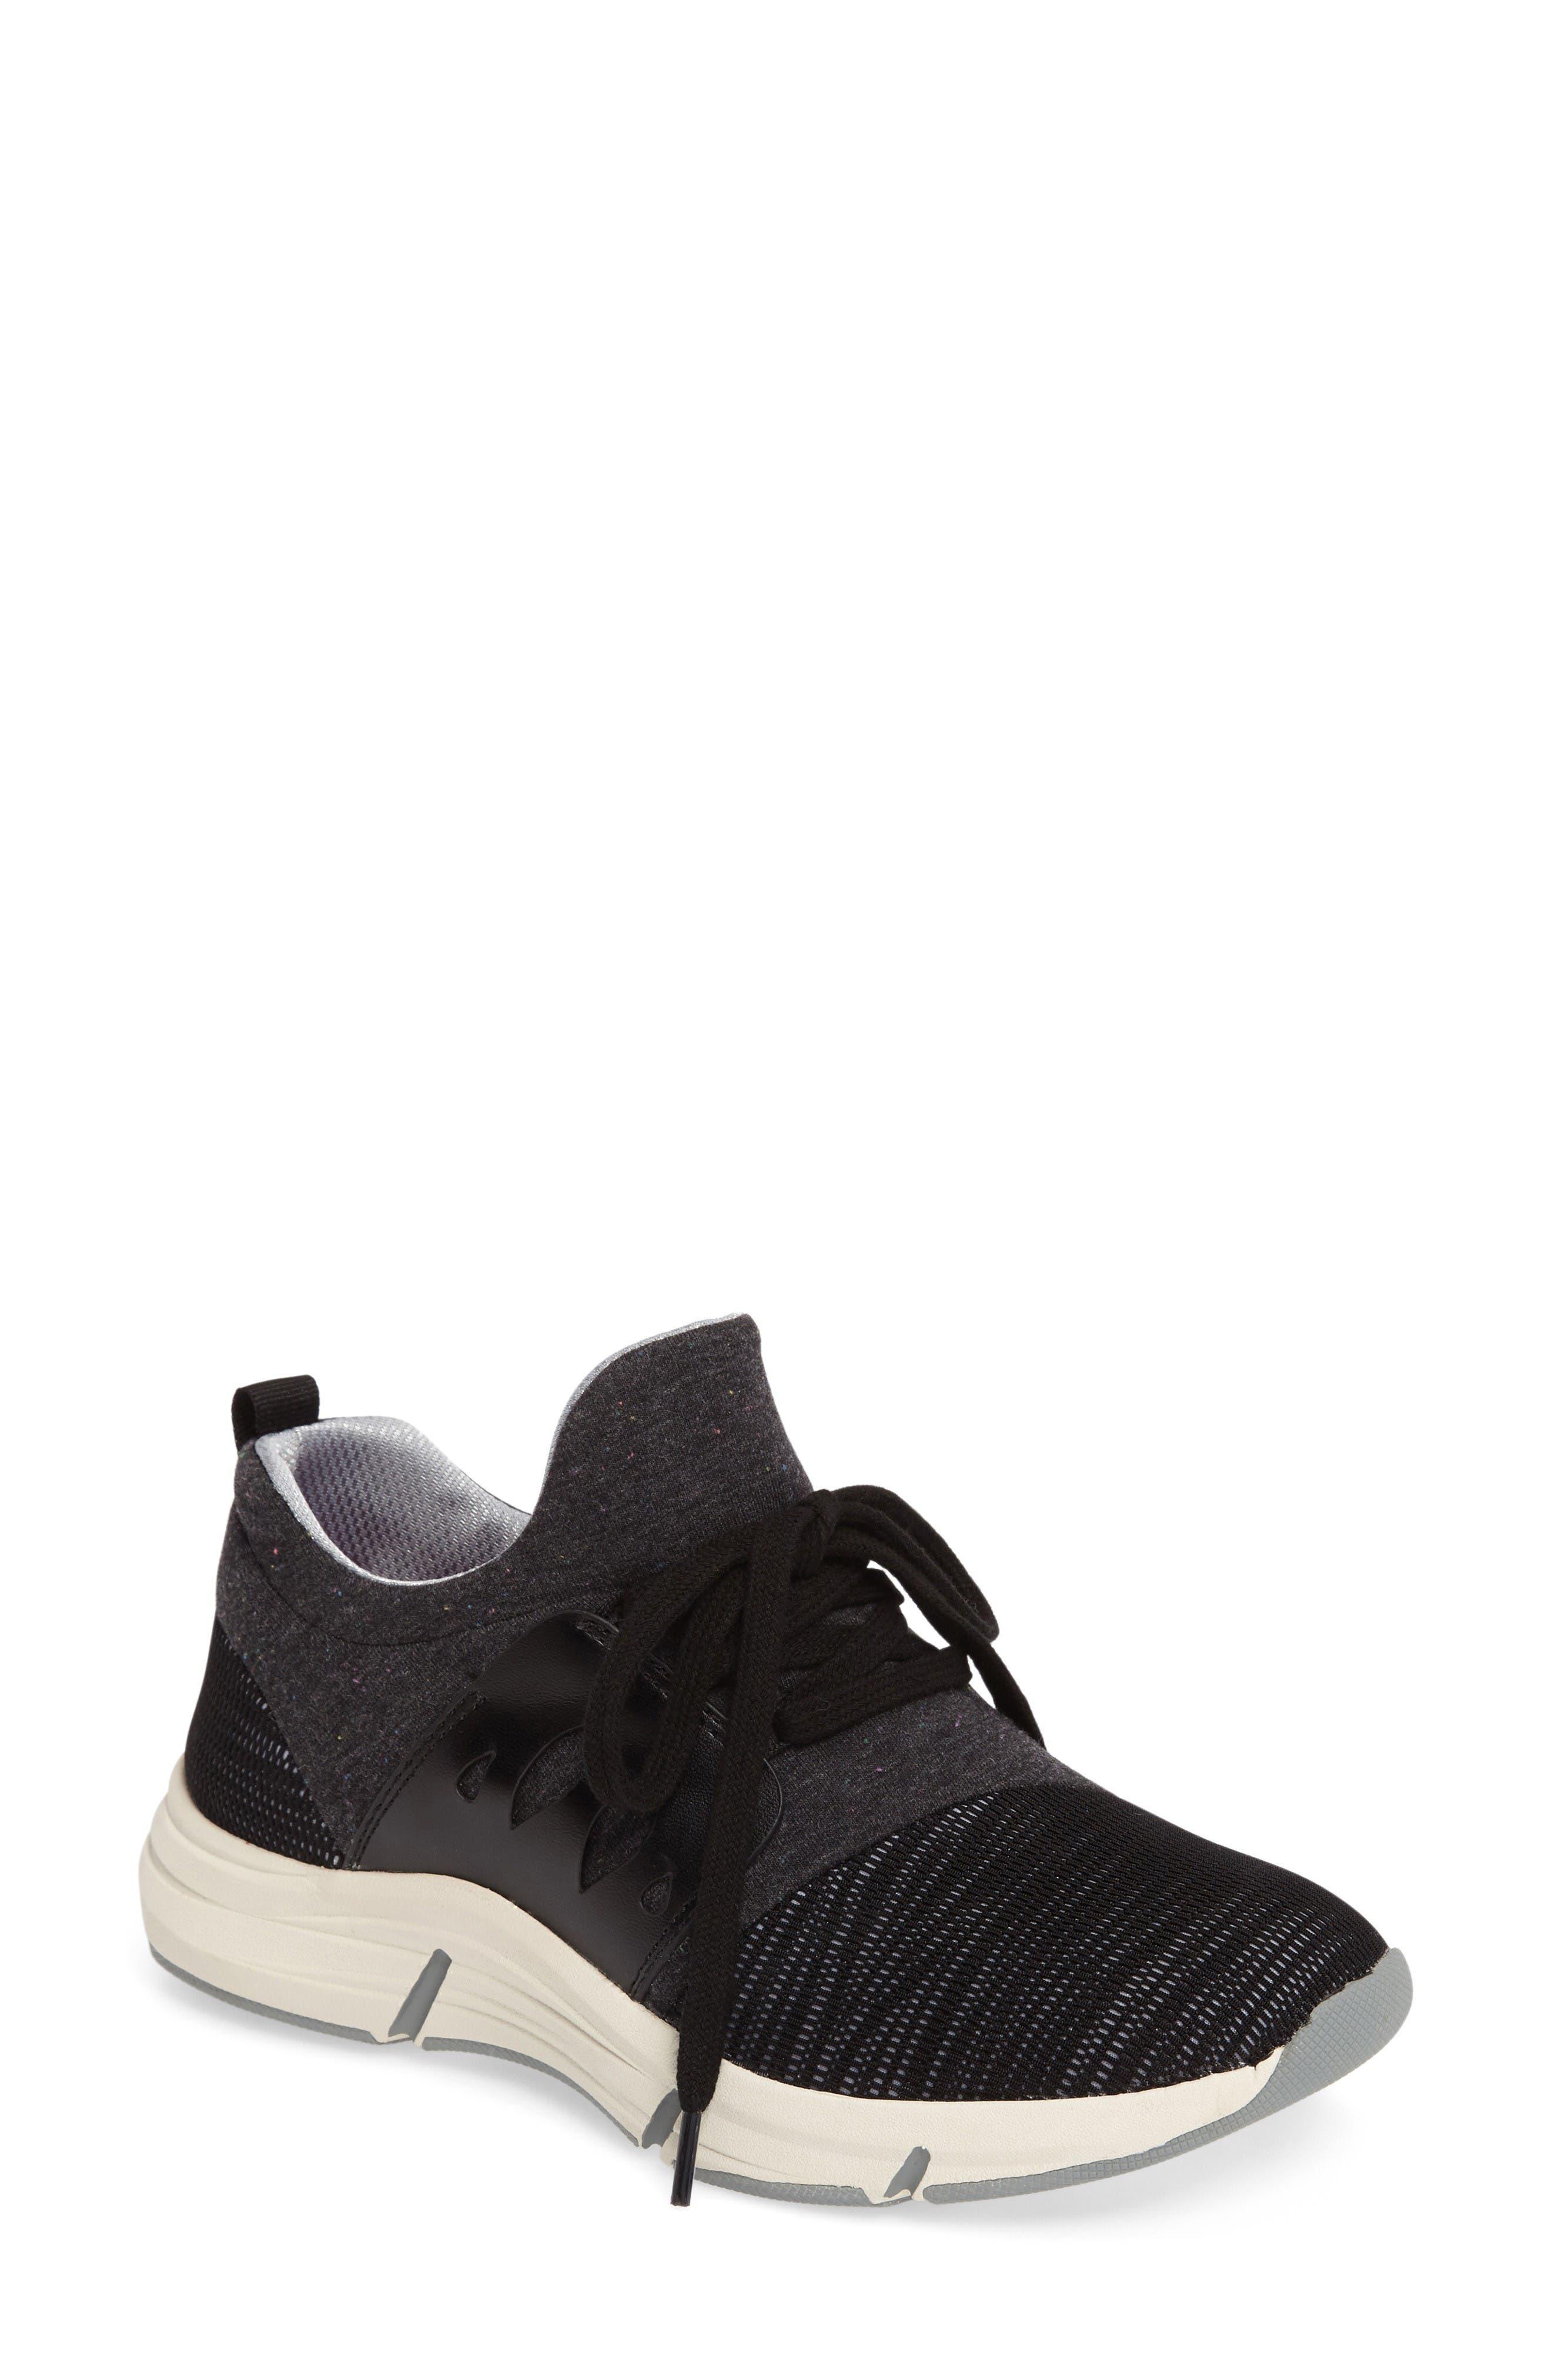 bionica Ordell Sneaker (Women)